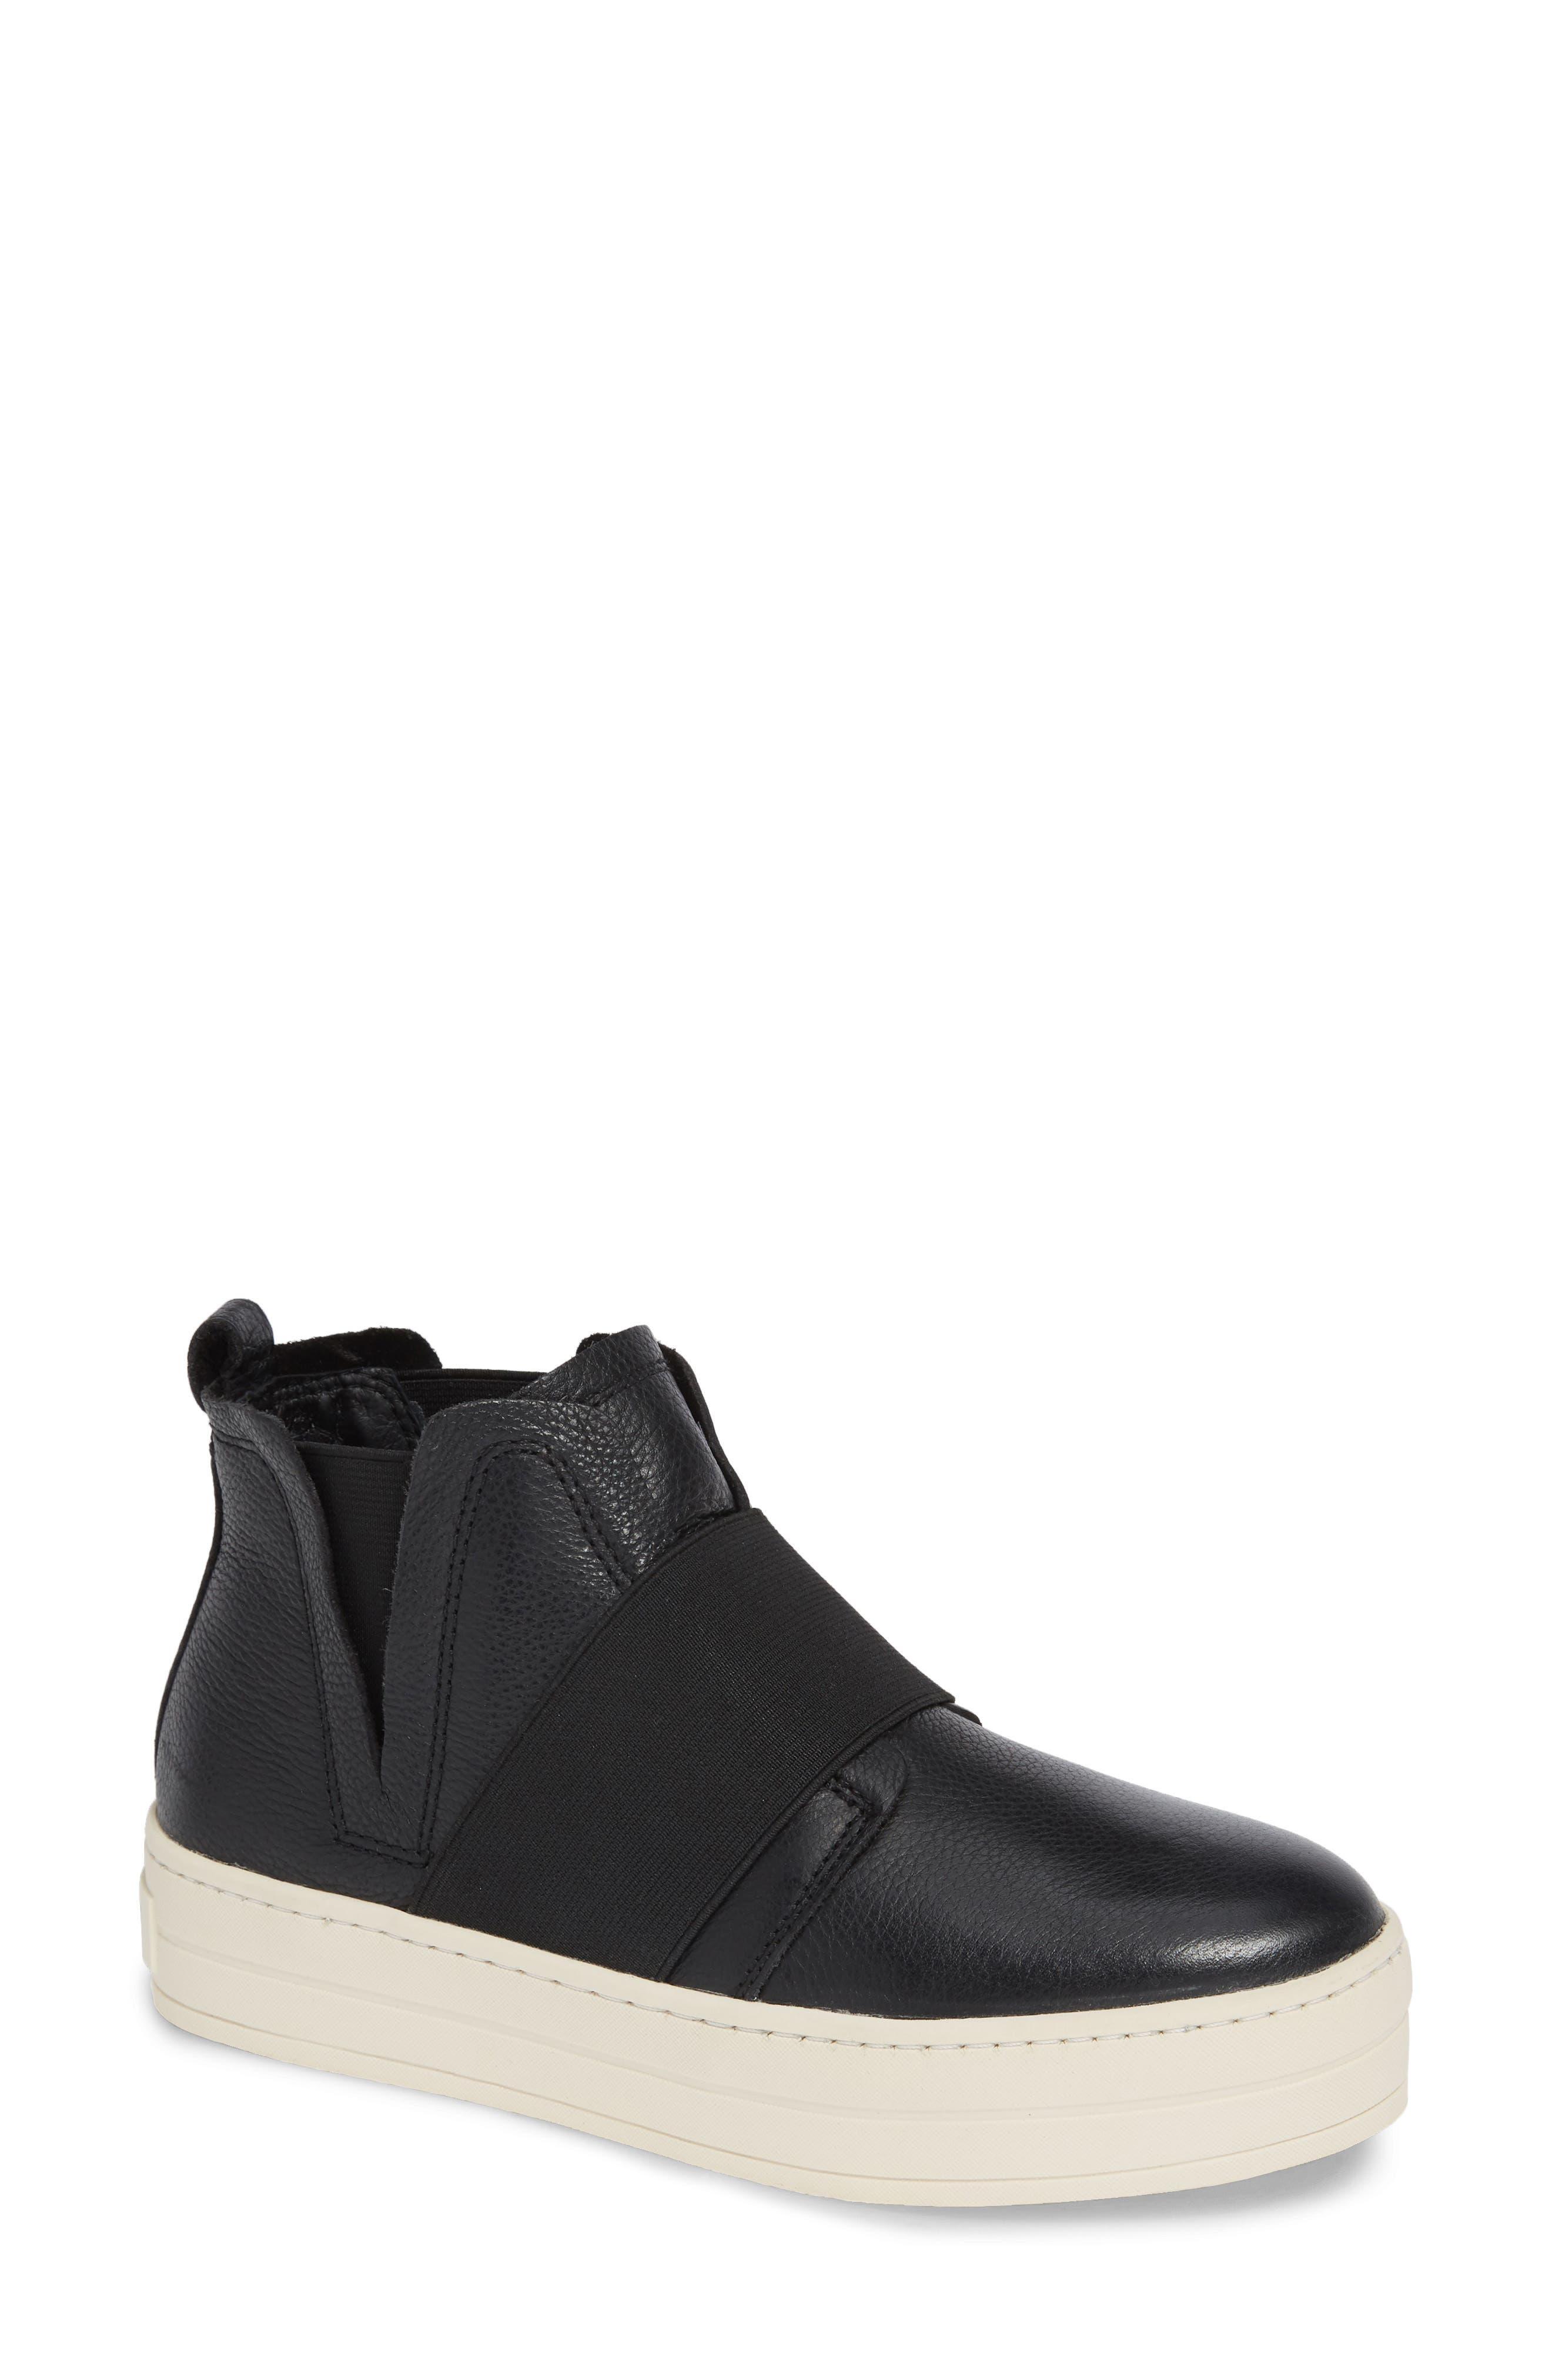 Jslides Holland High Top Platform Sneaker